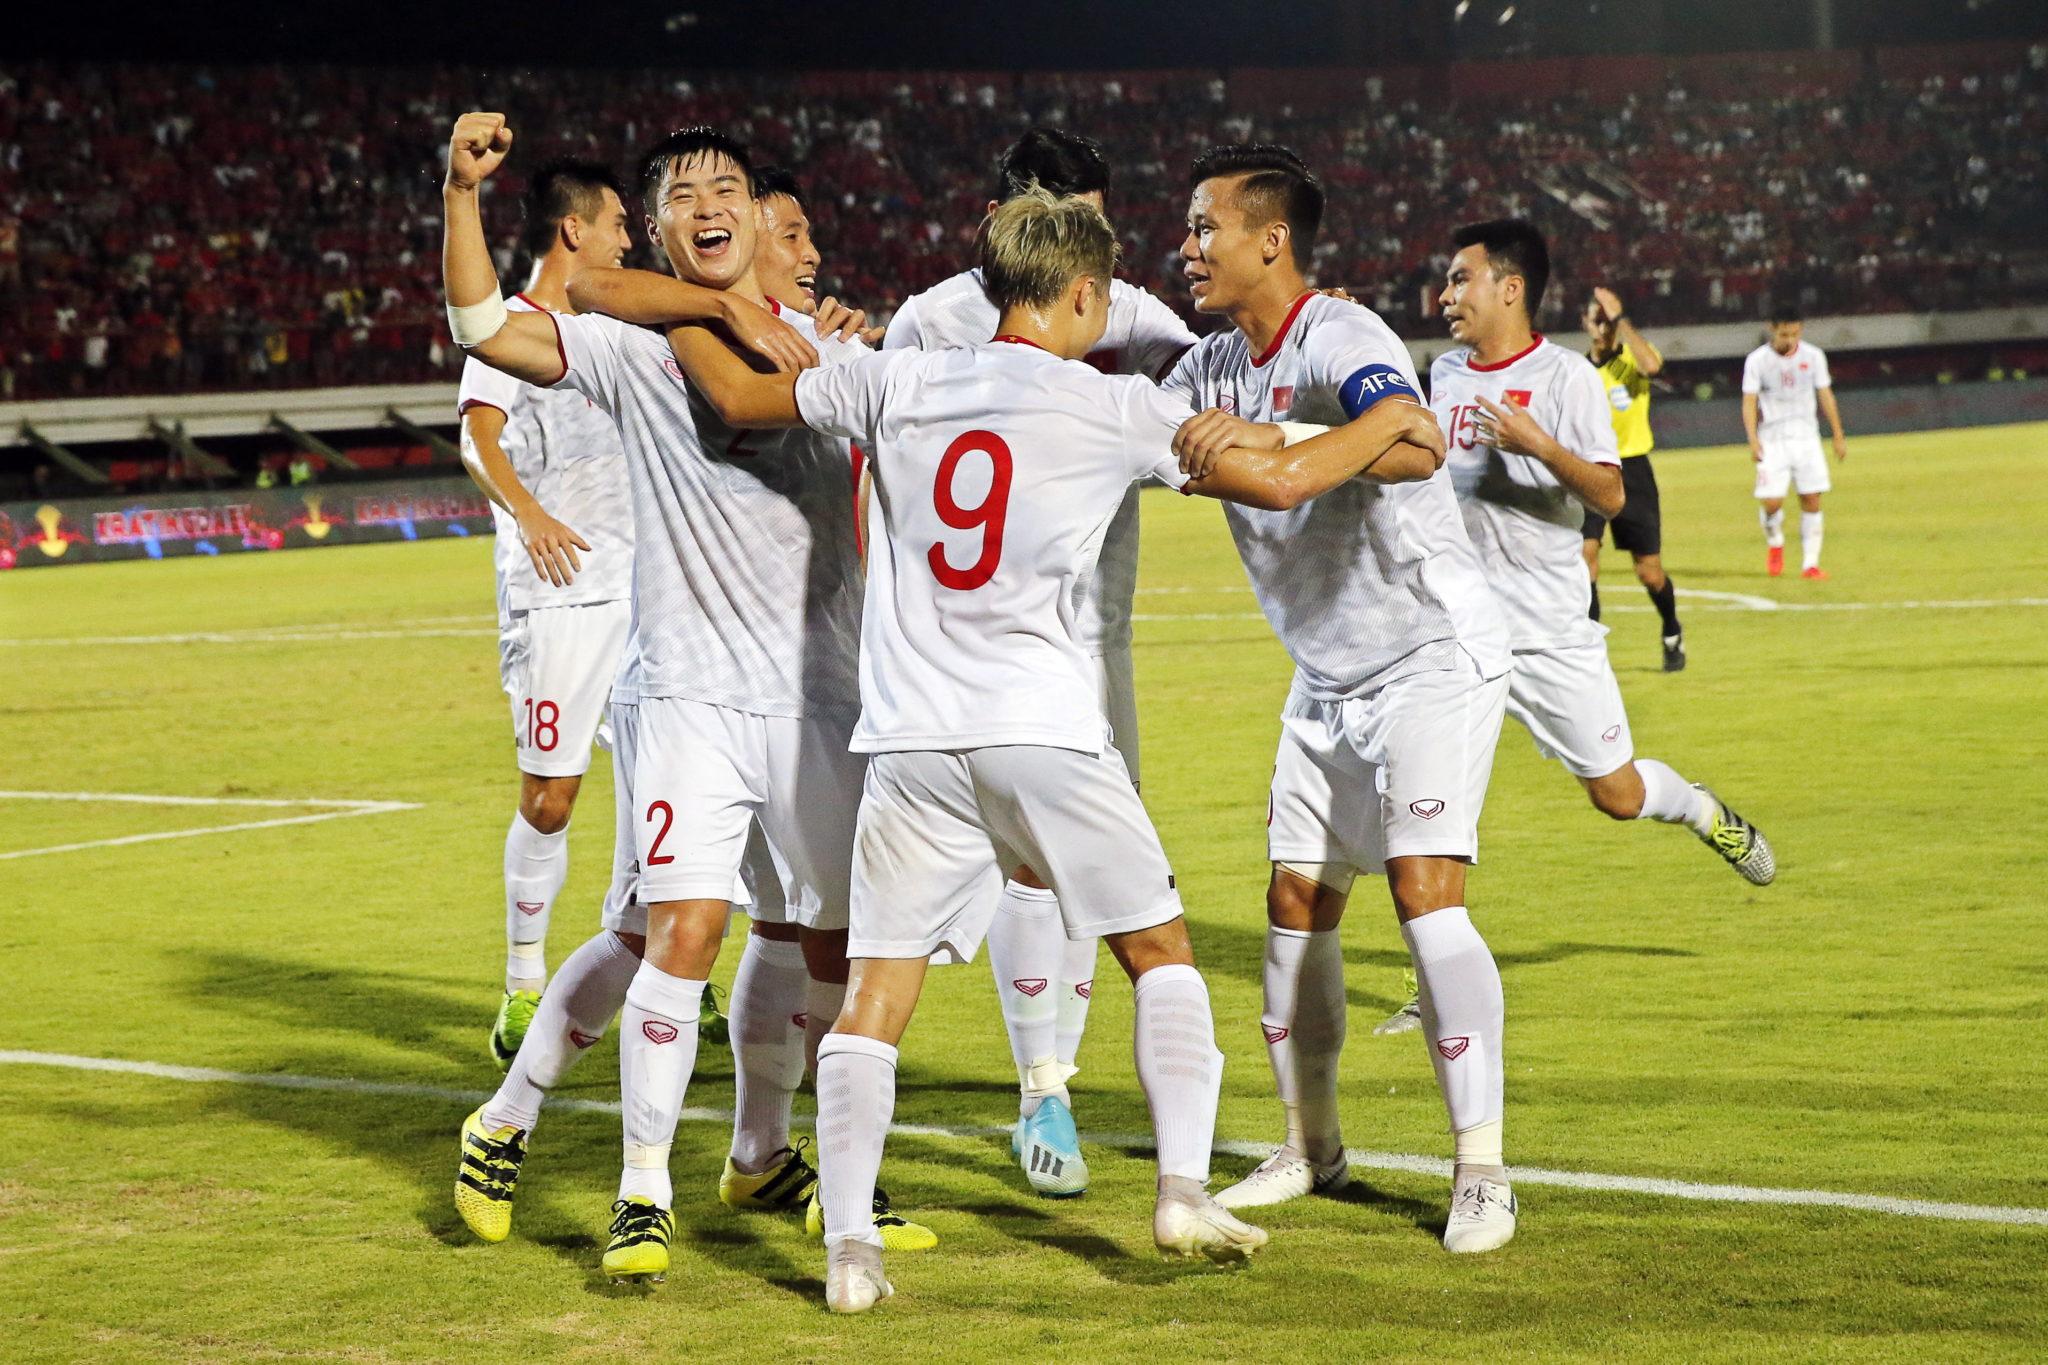 Bali, Indonezja: drużyna z Wietnamu podczas meczu w piłce nożnej grupy G kwalifikacji do Mistrzostw Świata 2022 pomiędzy Indonezją a Wietnamem, fot. MADE NAGI, PAP/EPA